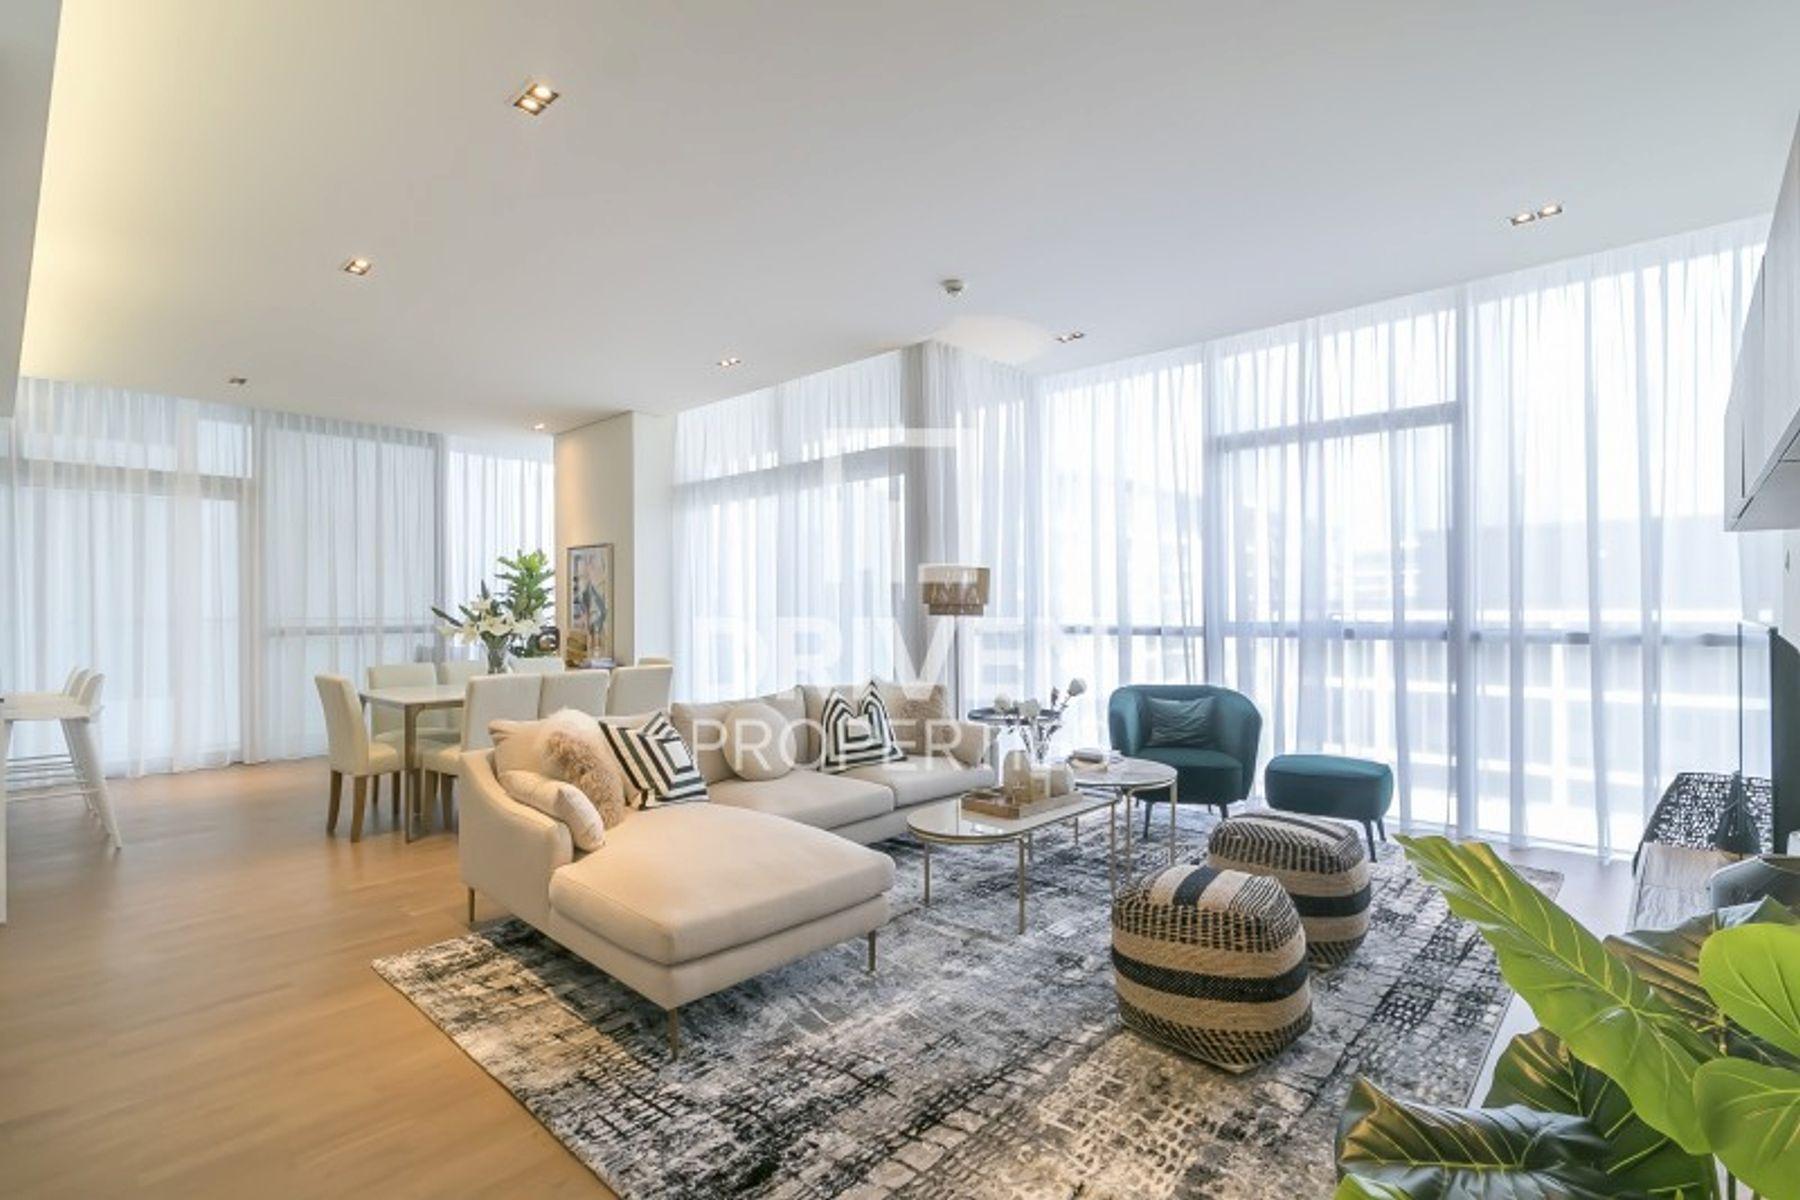 2,270 قدم مربع  شقة - للبيع - سيتي ووك